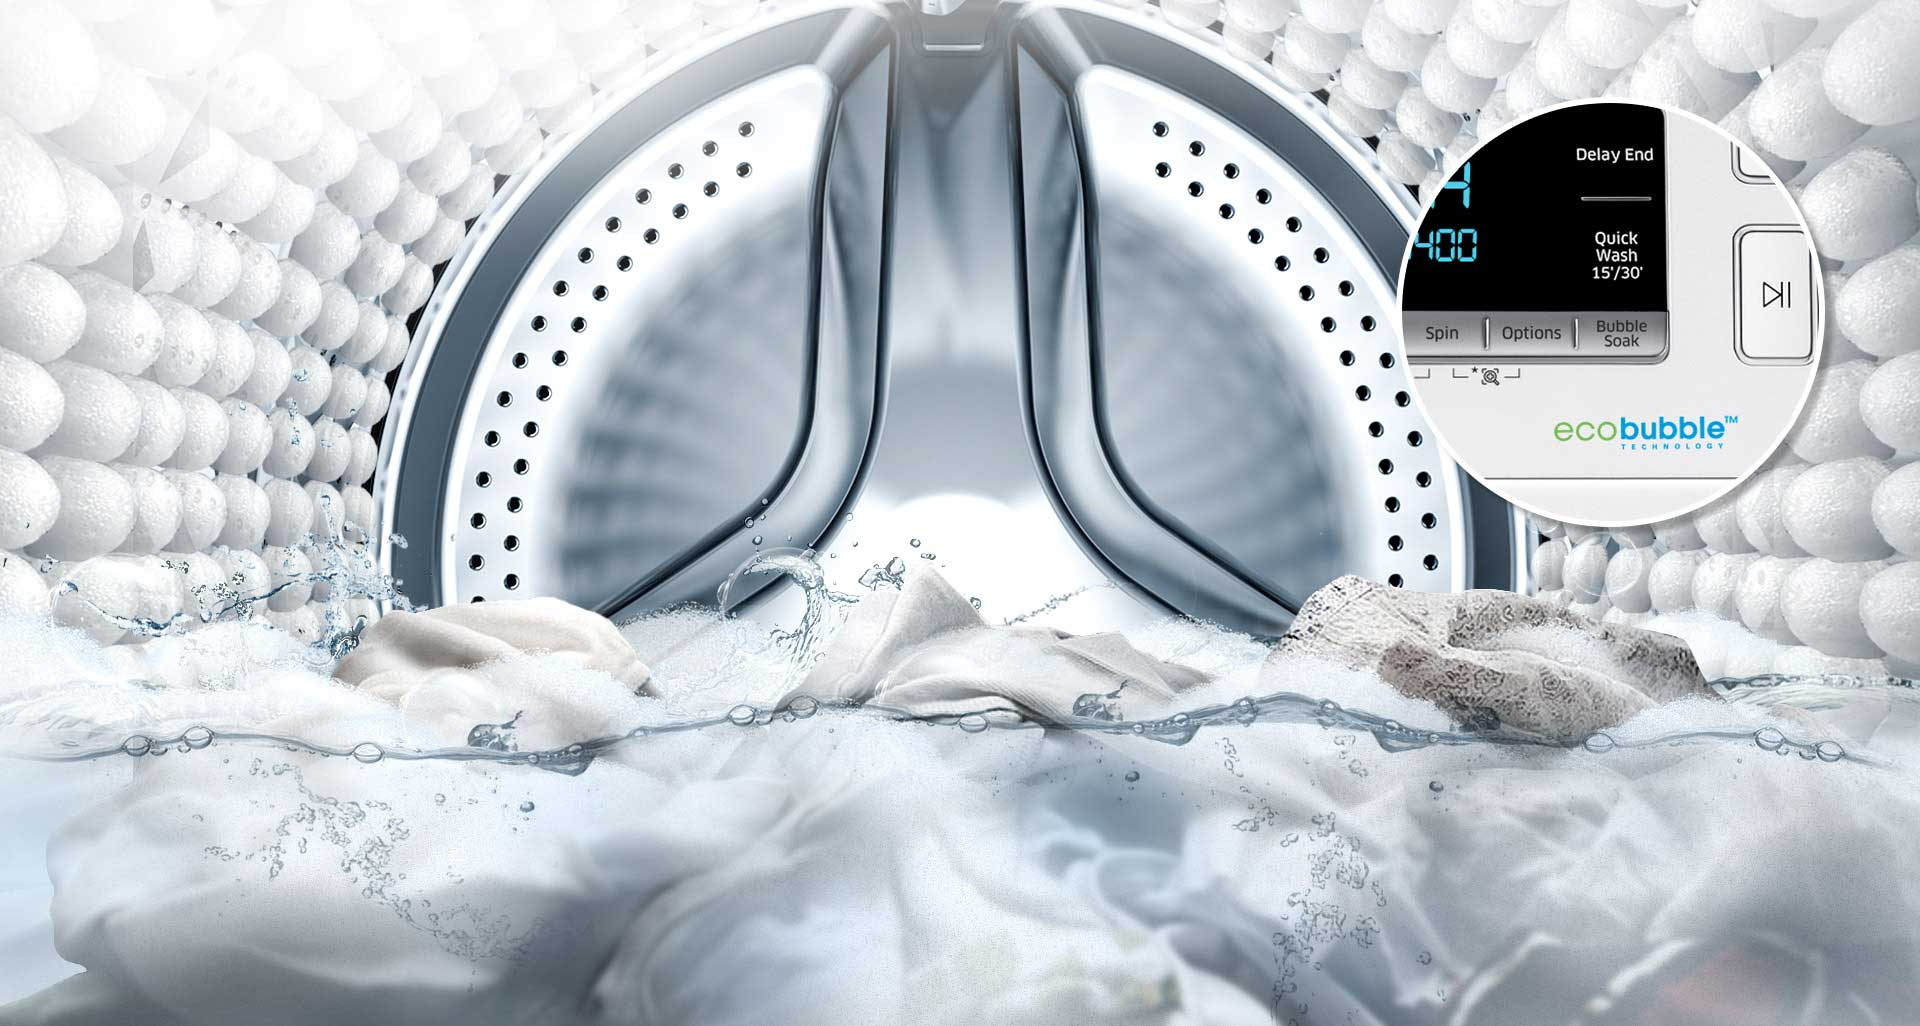 ماشین لباسشویی سامسونگ 8 کیلویی 1473 تسمه ای اینوکس